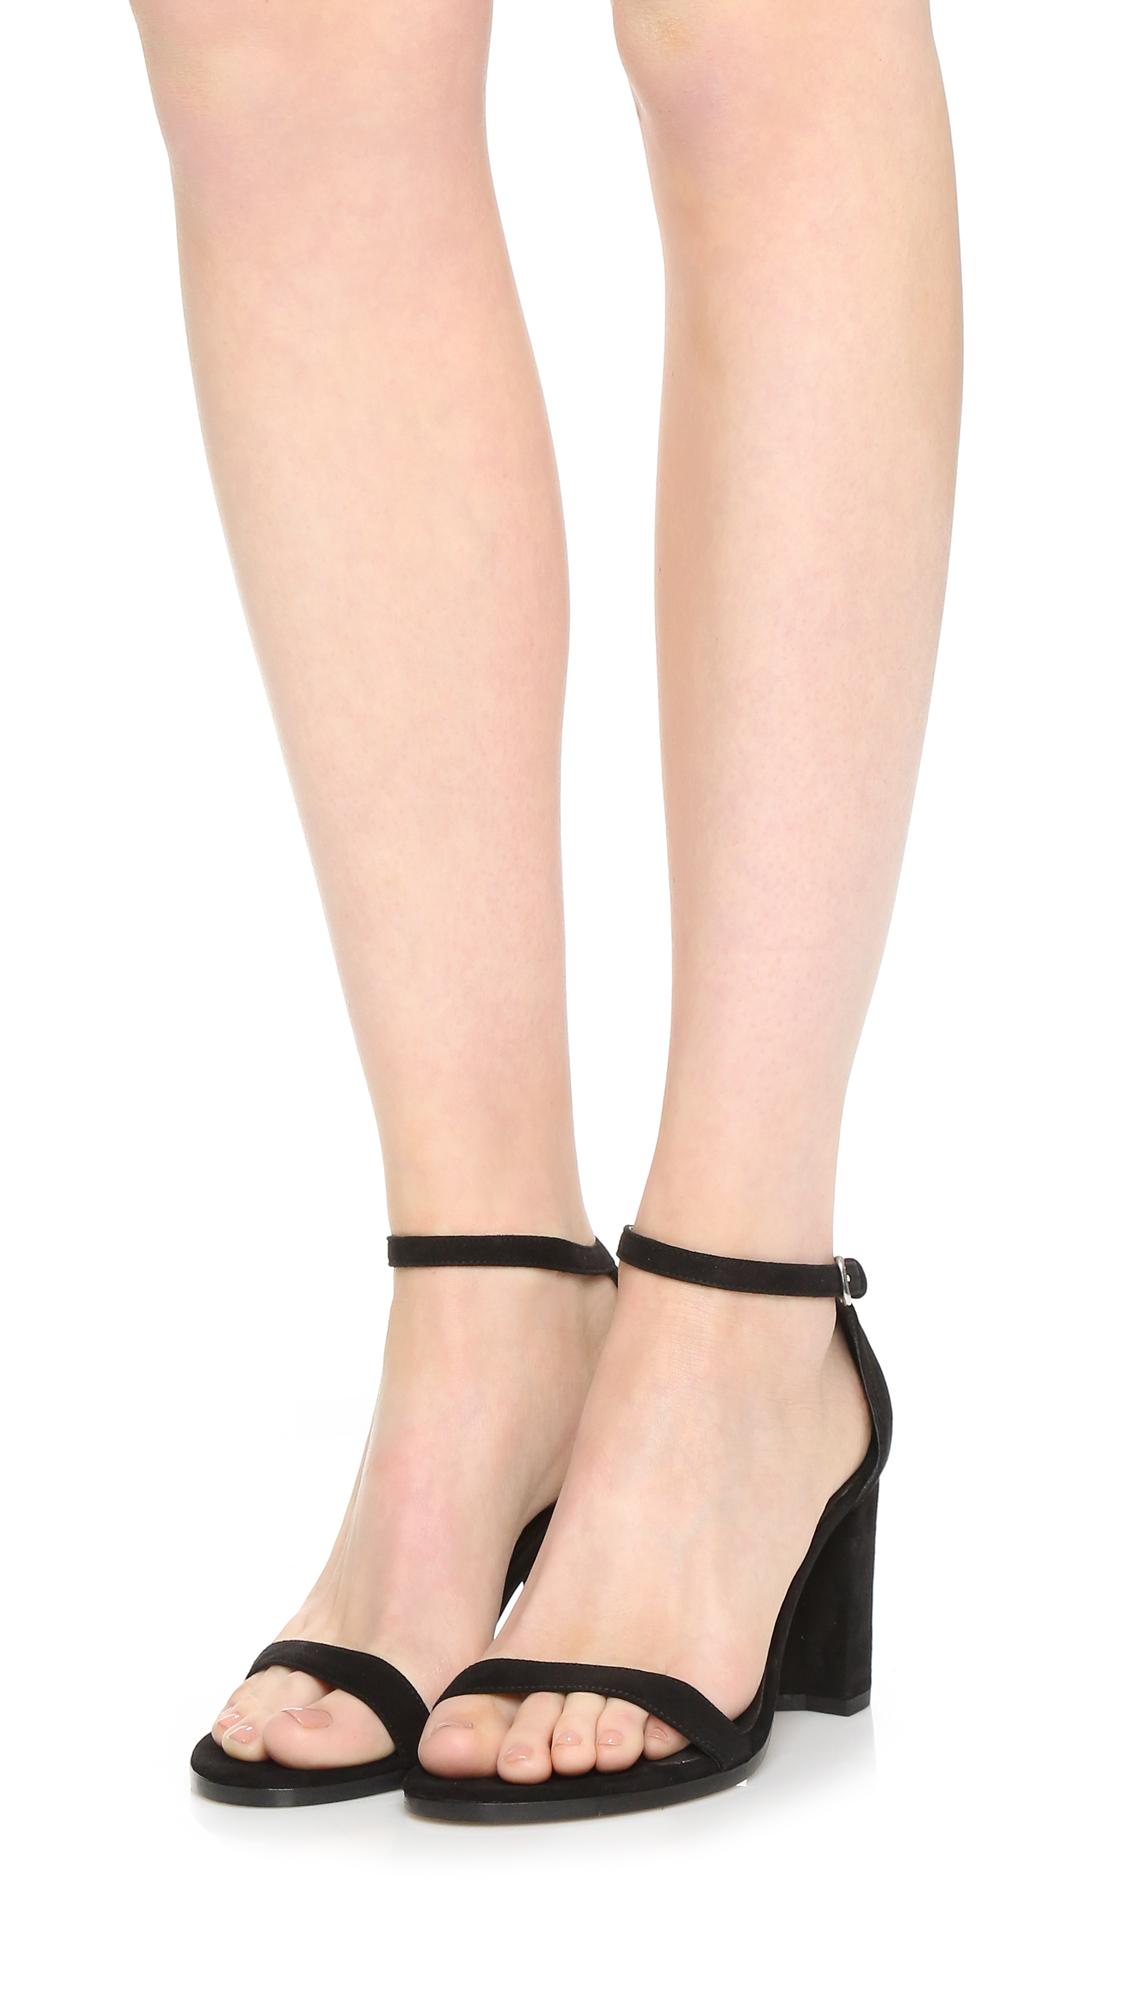 a9edcf86dc3 Stuart Weitzman Nearlynude Sandals